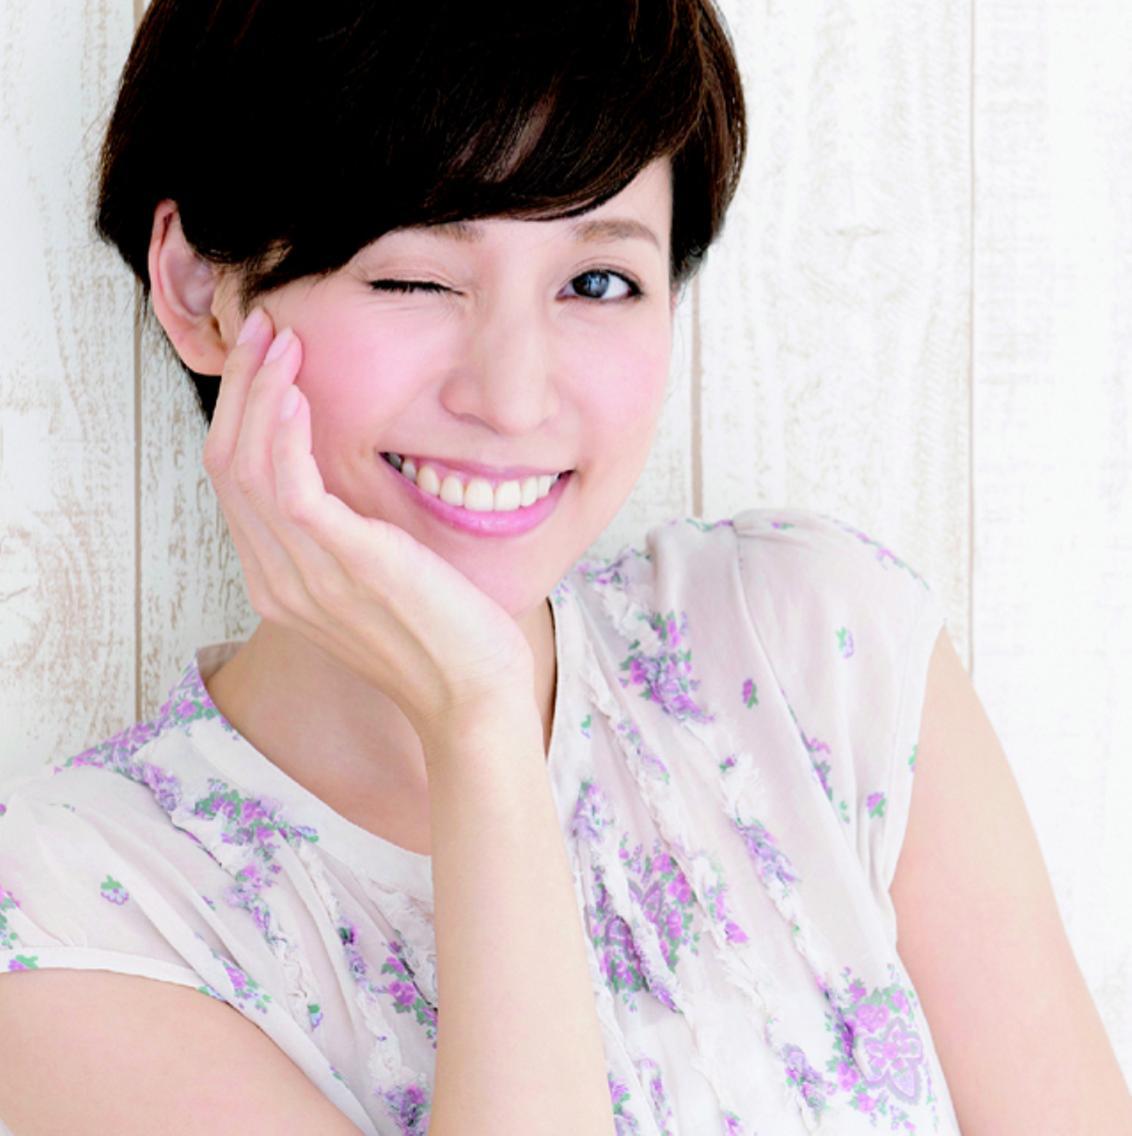 うれしい価格でキレイをキープ☆髪に優しいオーガニックカラーのヘアカラーの専門店